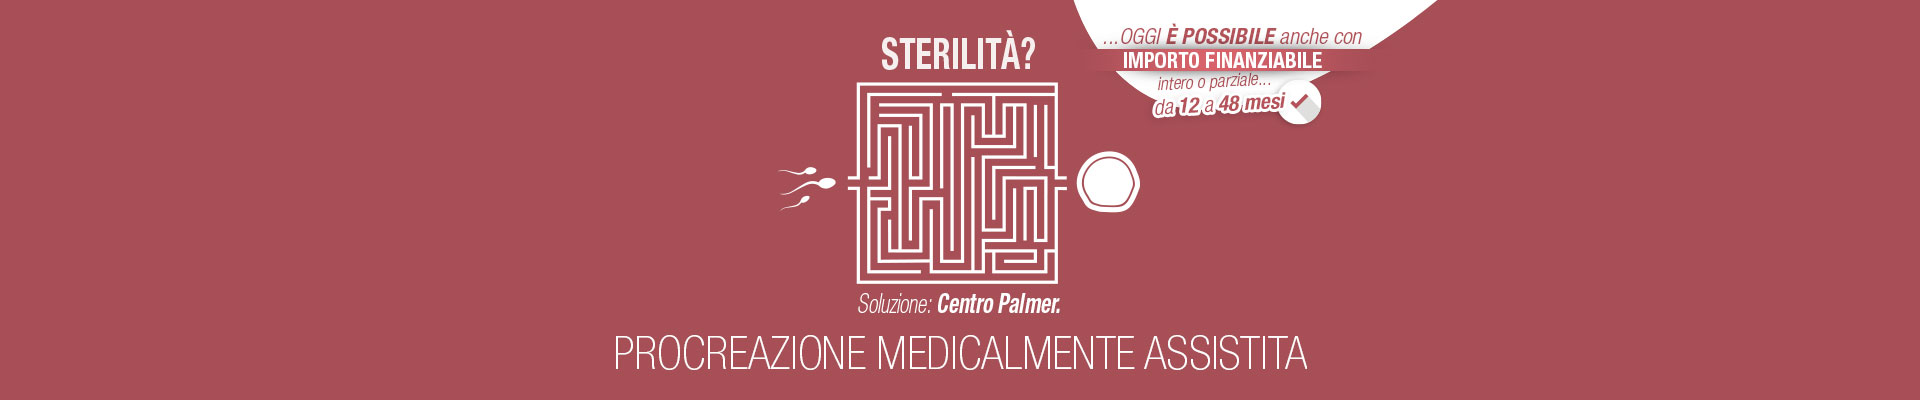 Sterilità. Procreazione Medicalmente Assistita - Centro Palmer